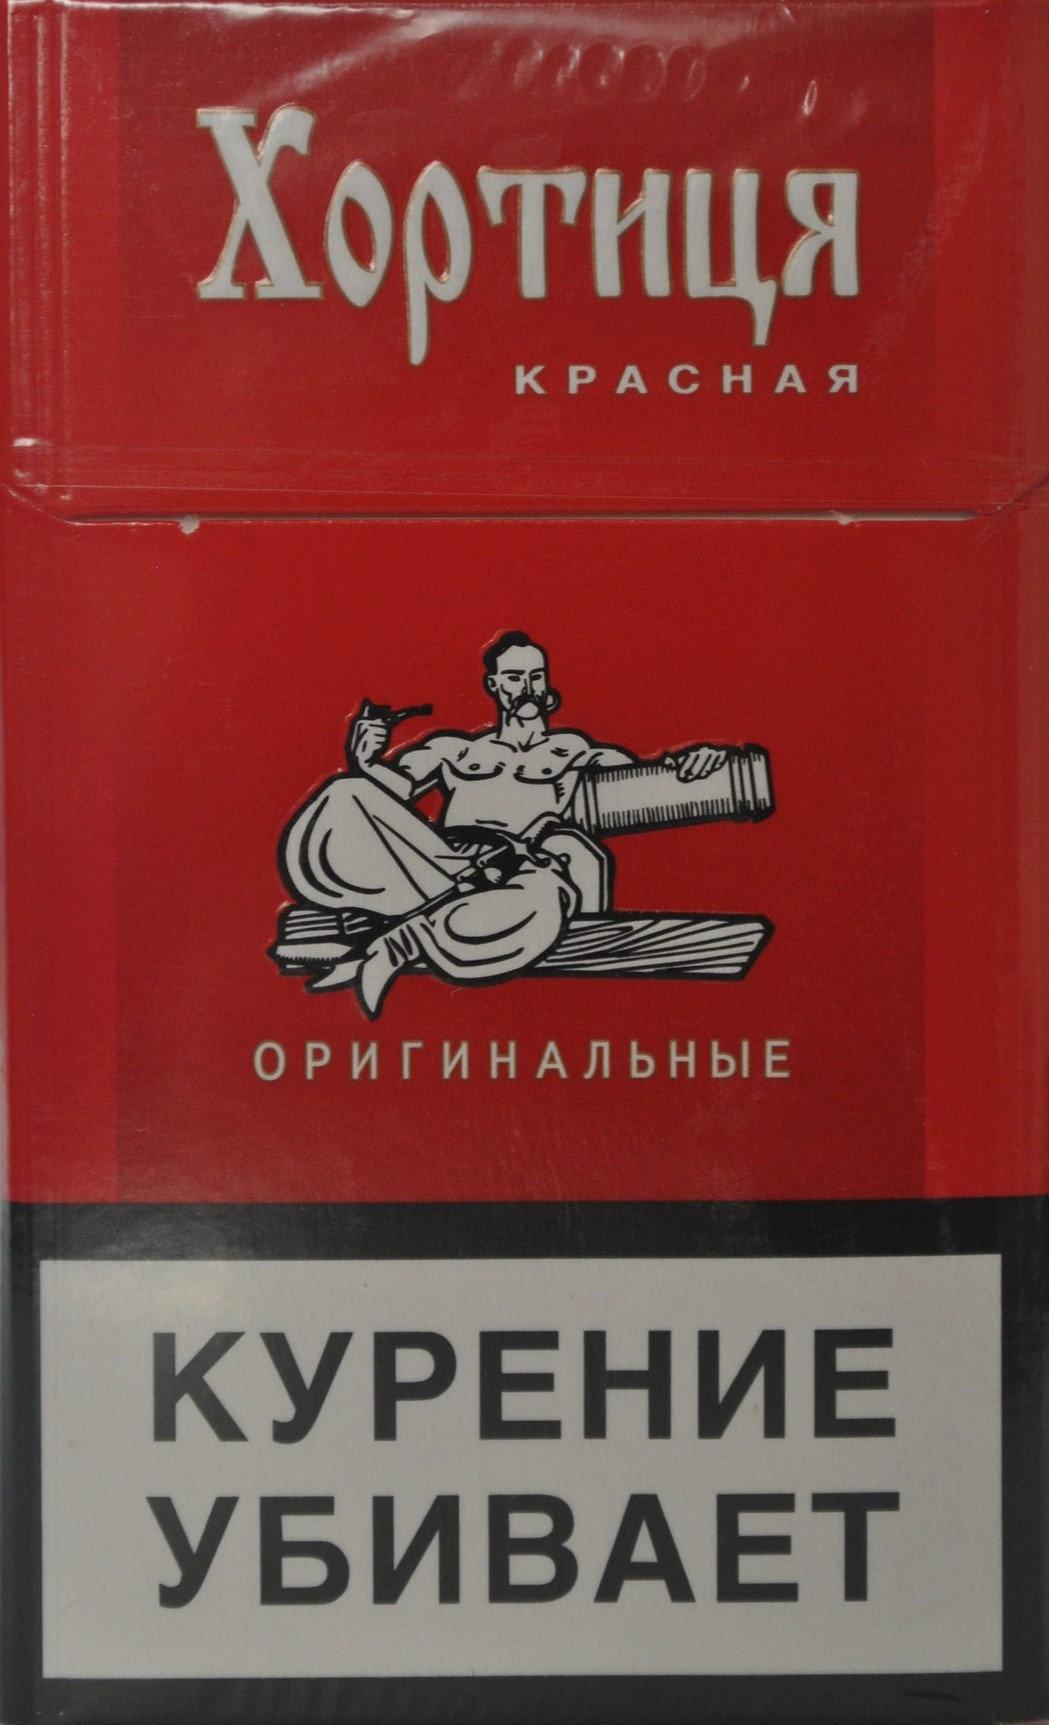 сигареты хортица красные купить